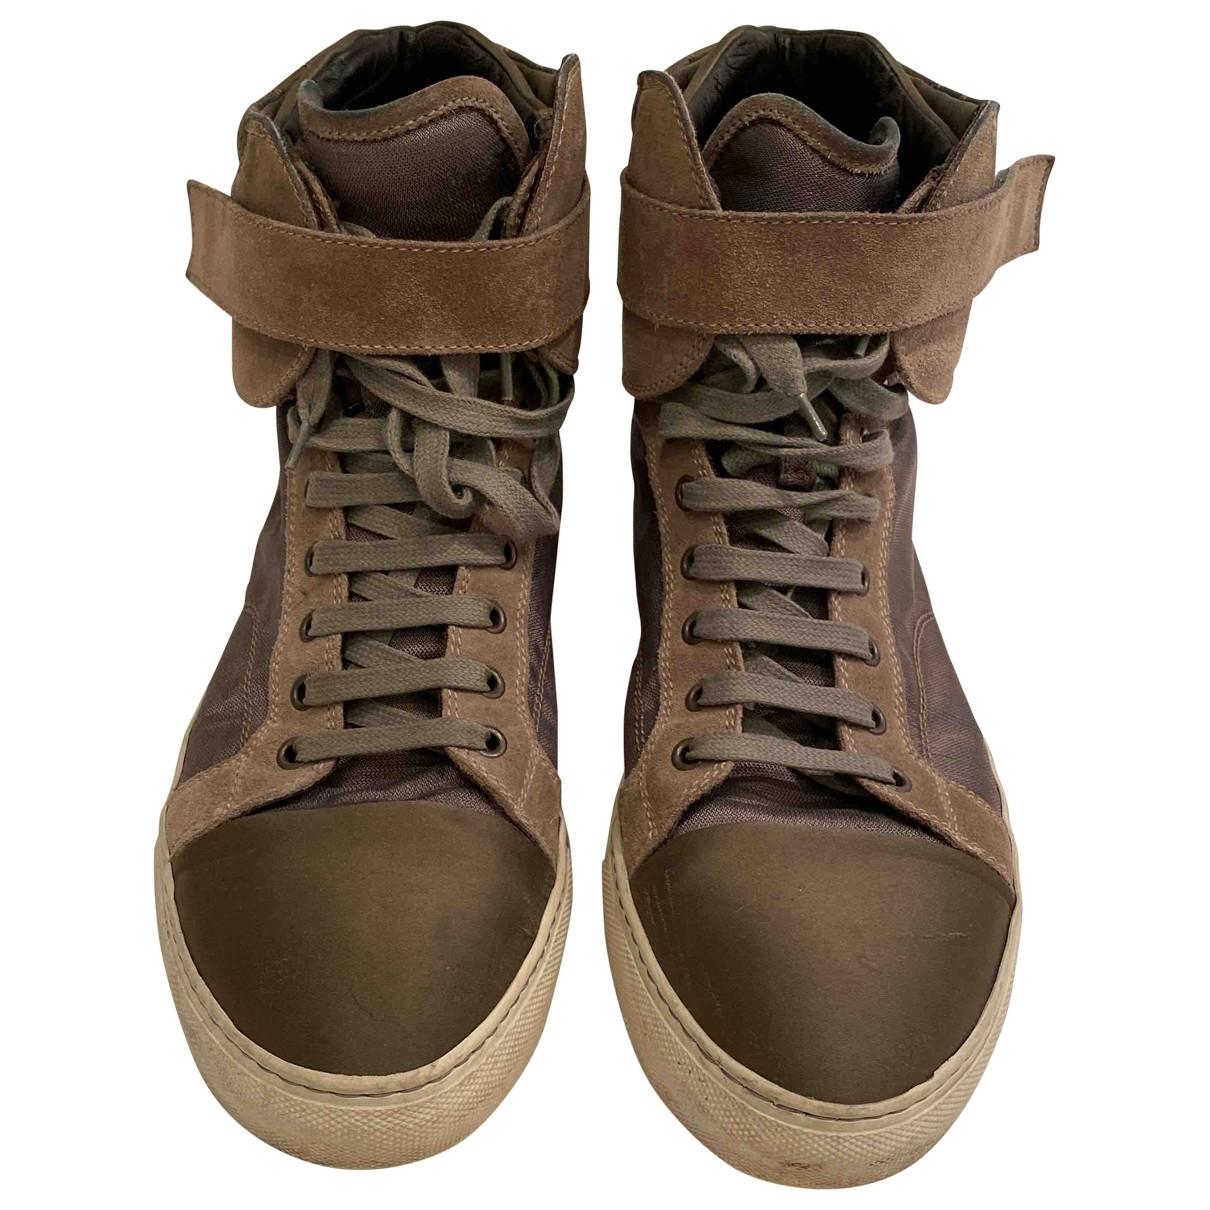 Lanvin \N Sneakers in  Braun Leder